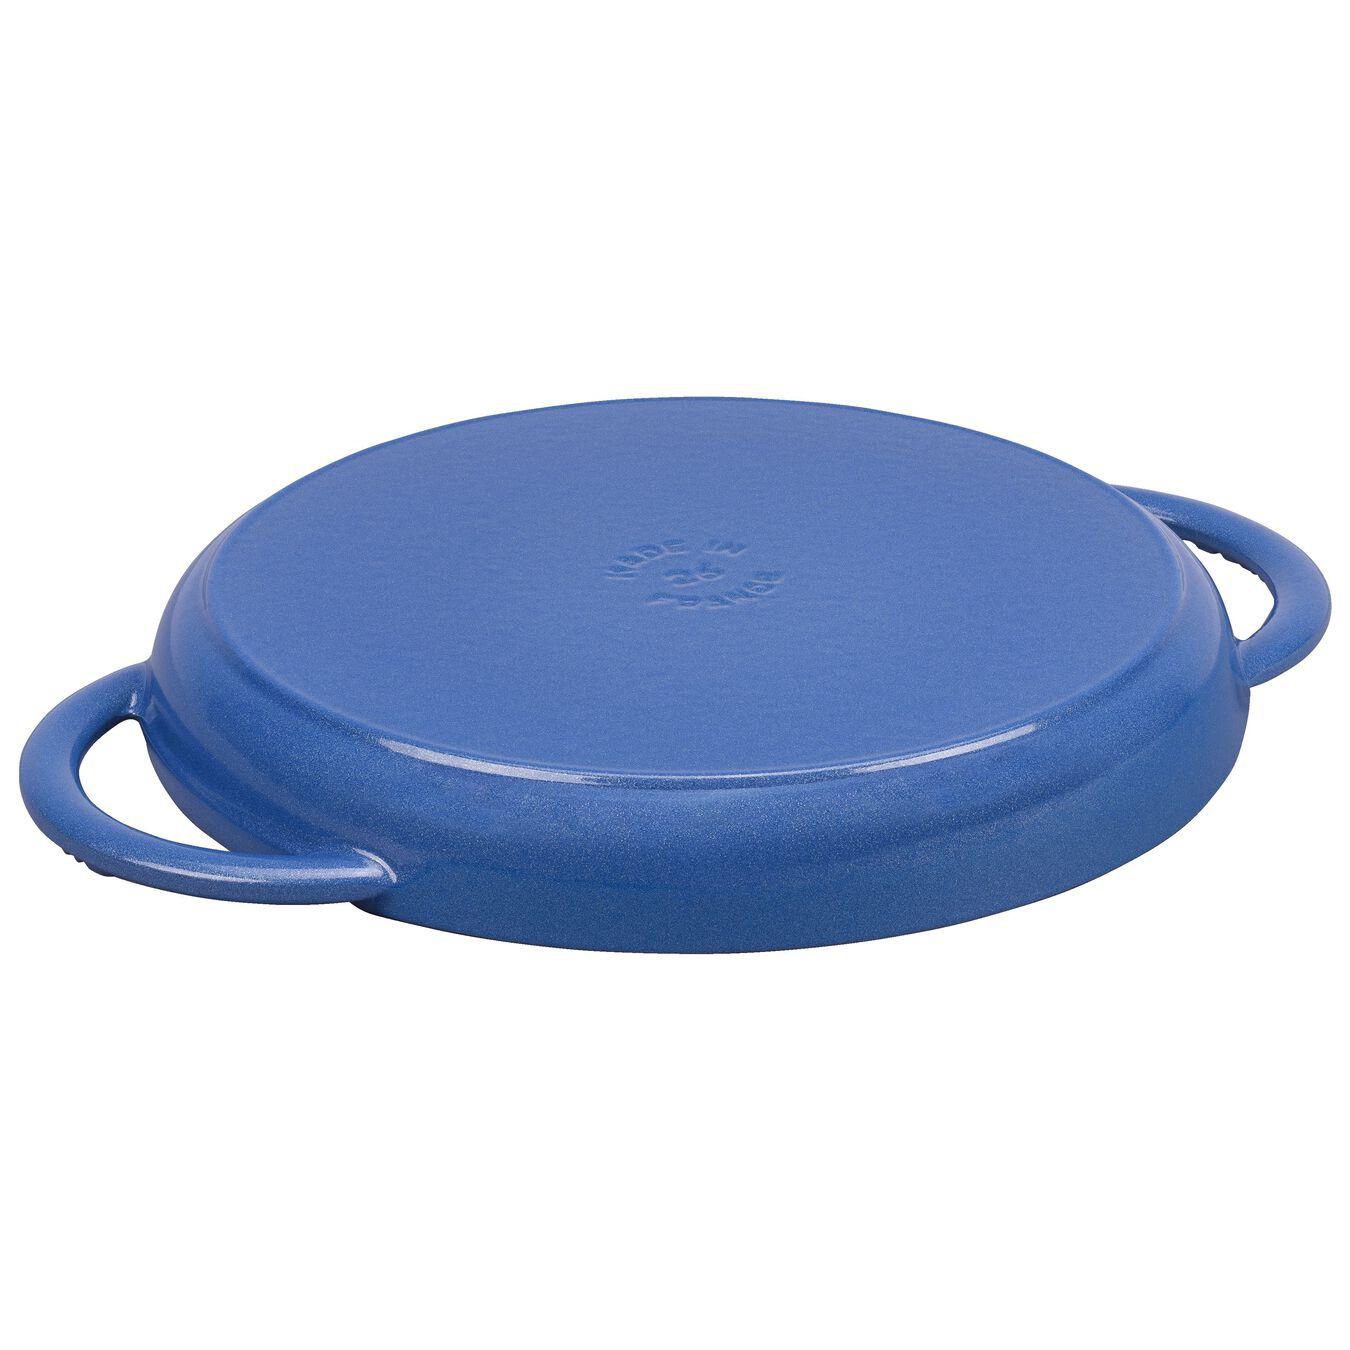 round, Grill pan, Metallic Blue,,large 2